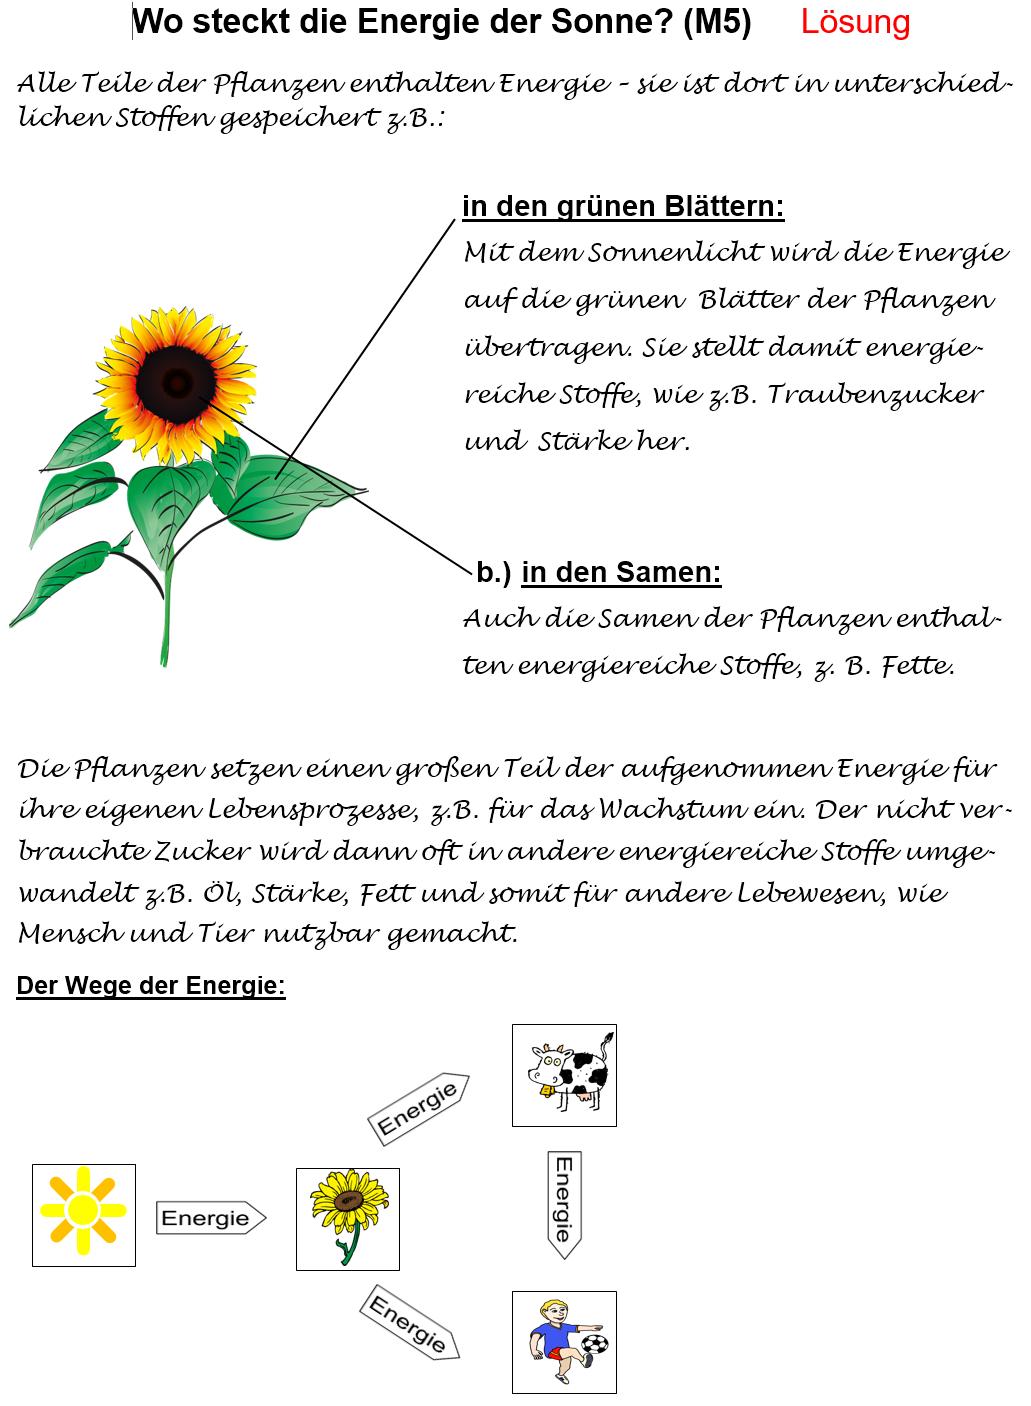 Arbeitsblatt - Wo steckt die Energie der Sonne? - Lösung